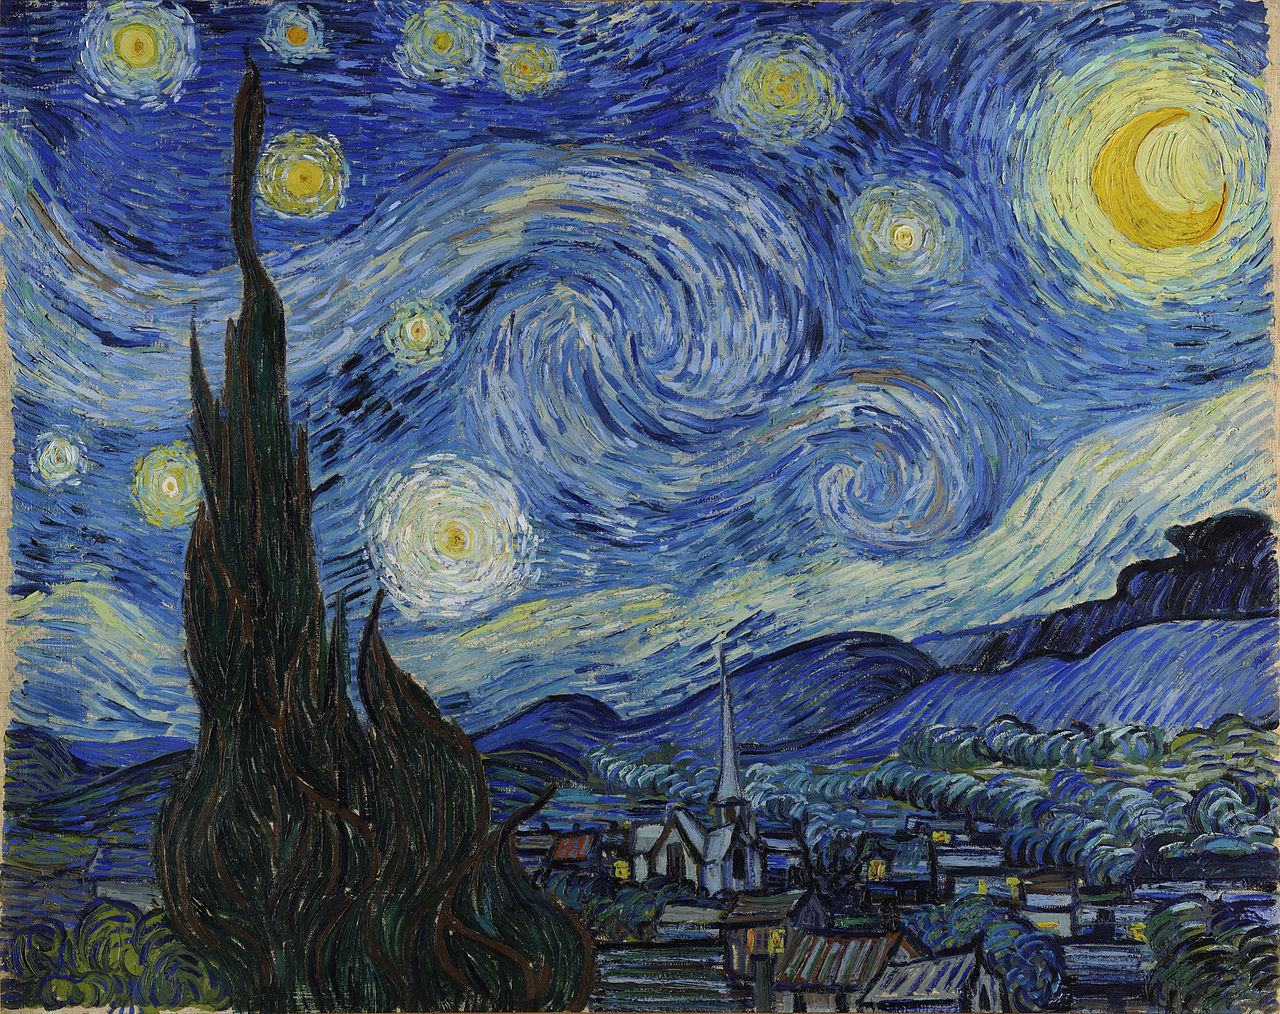 Yıldızlı Gece, Vincent Van Gogh